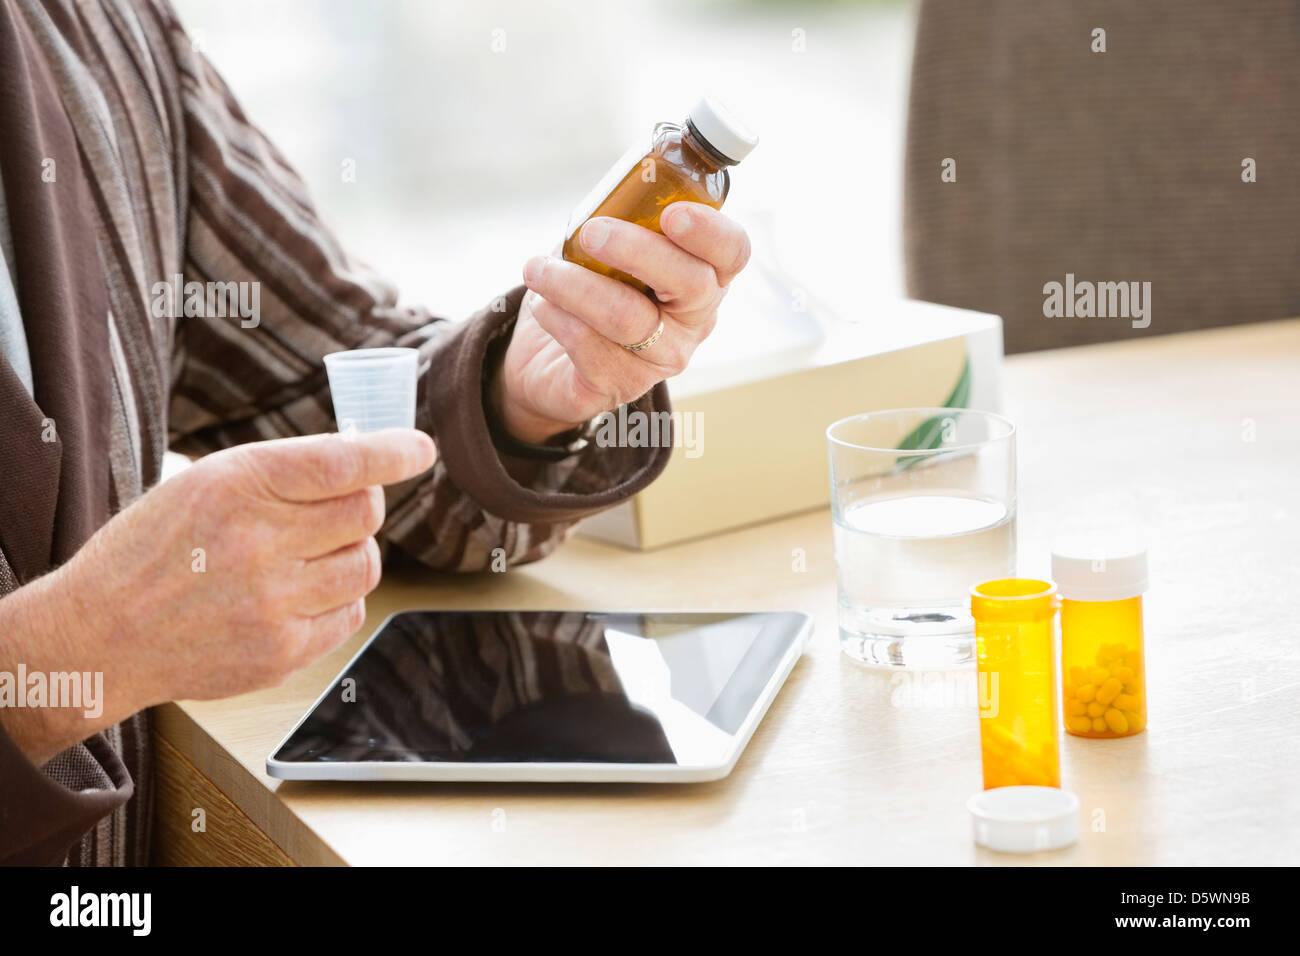 Anciano tomando medicamentos en la mesa Imagen De Stock